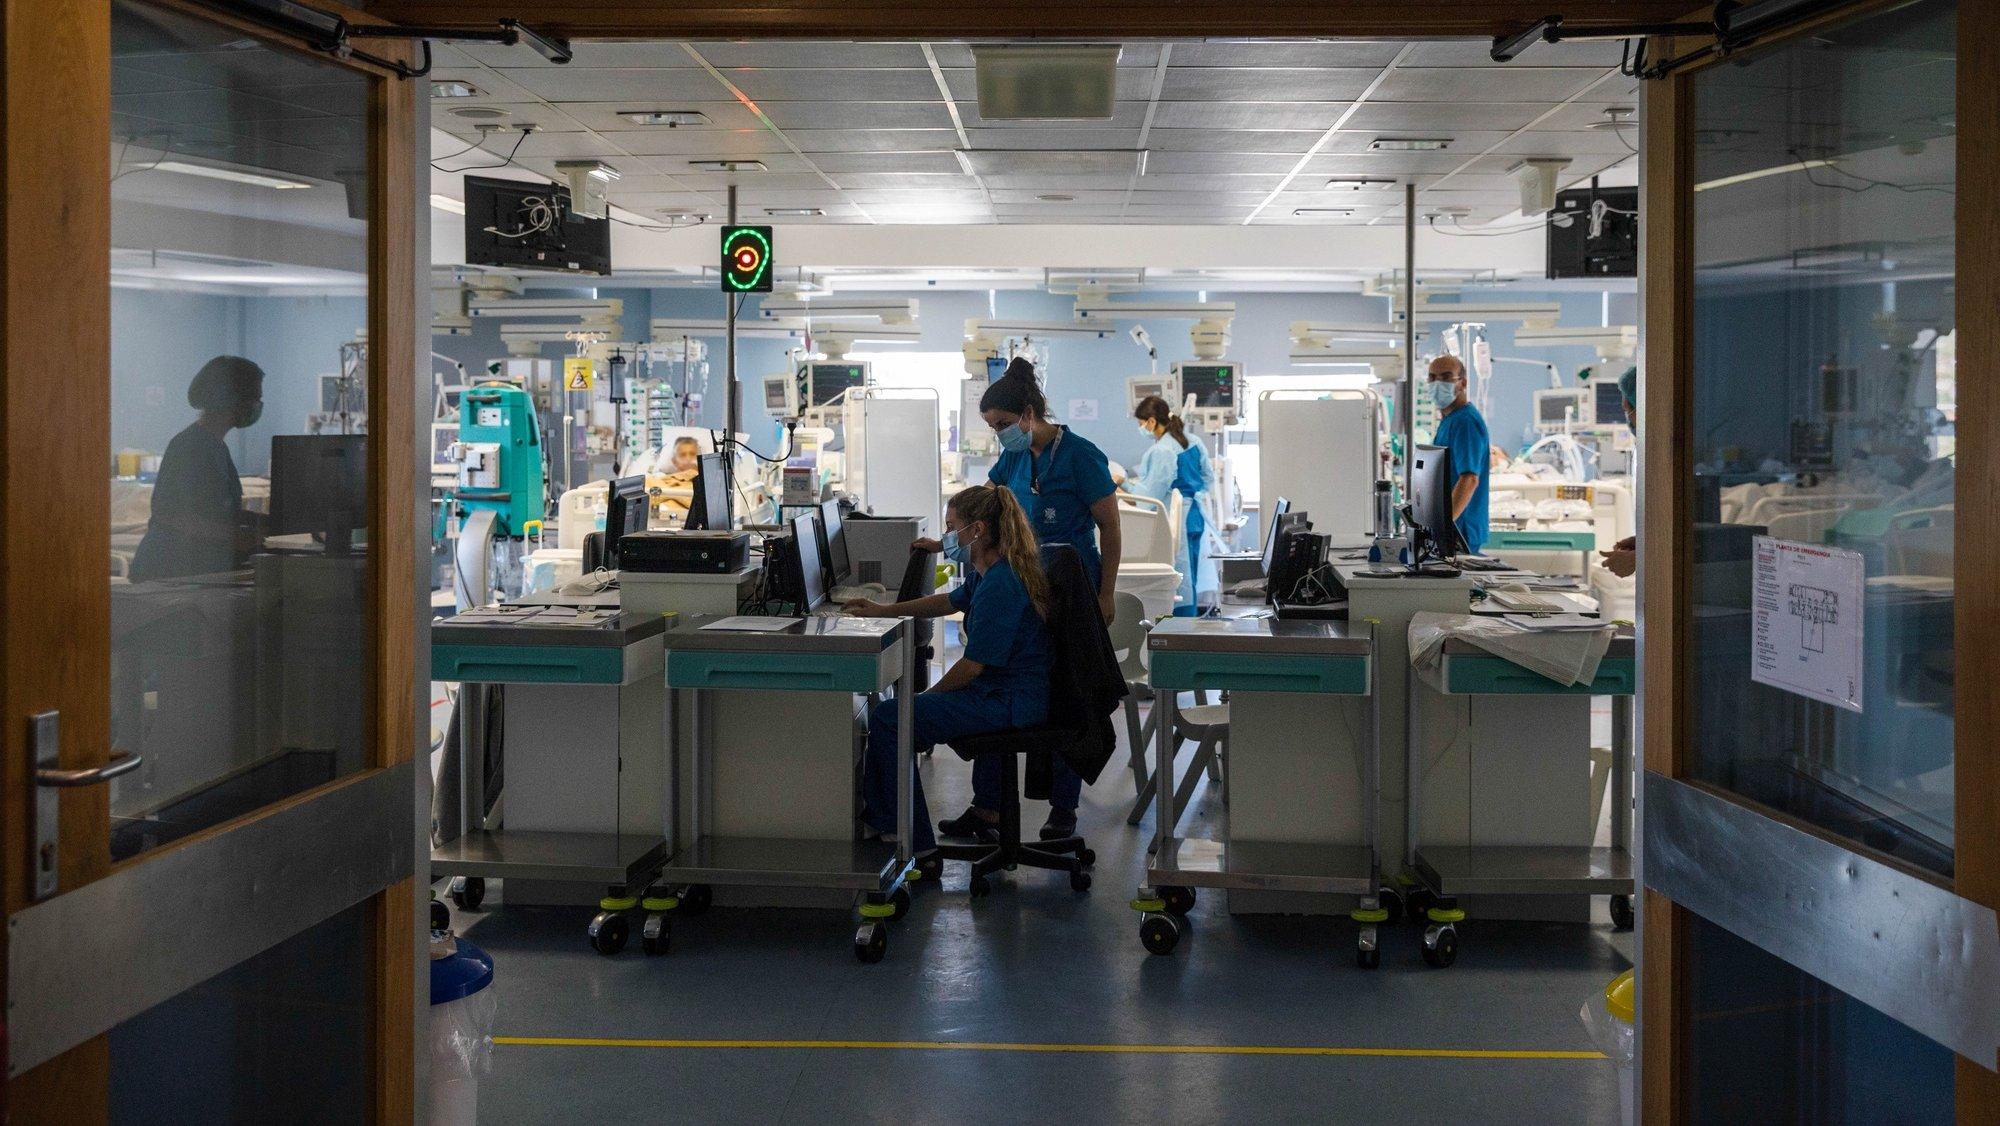 Unidade de cuidados intensivos do Hospital de São João, hospital que enfrentou a pandemia de covid-19, Porto, 18 de maio de 2021. (ACOMPANHA TEXTO DE 19/05/2021) JOSÉ COELHO/LUSA